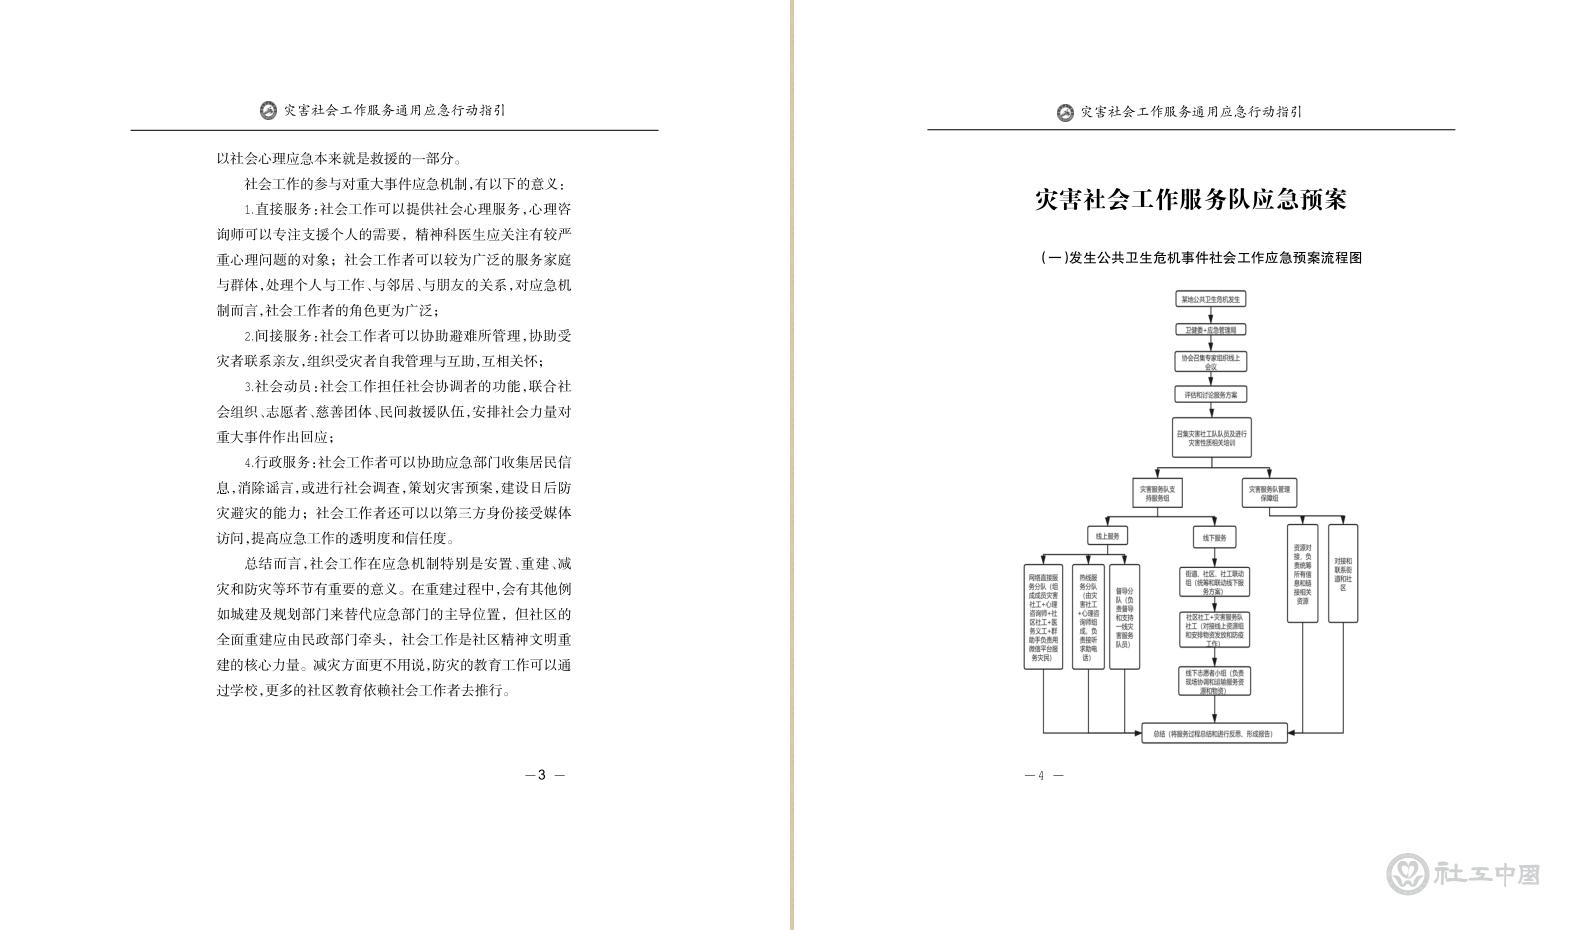 第3-4页